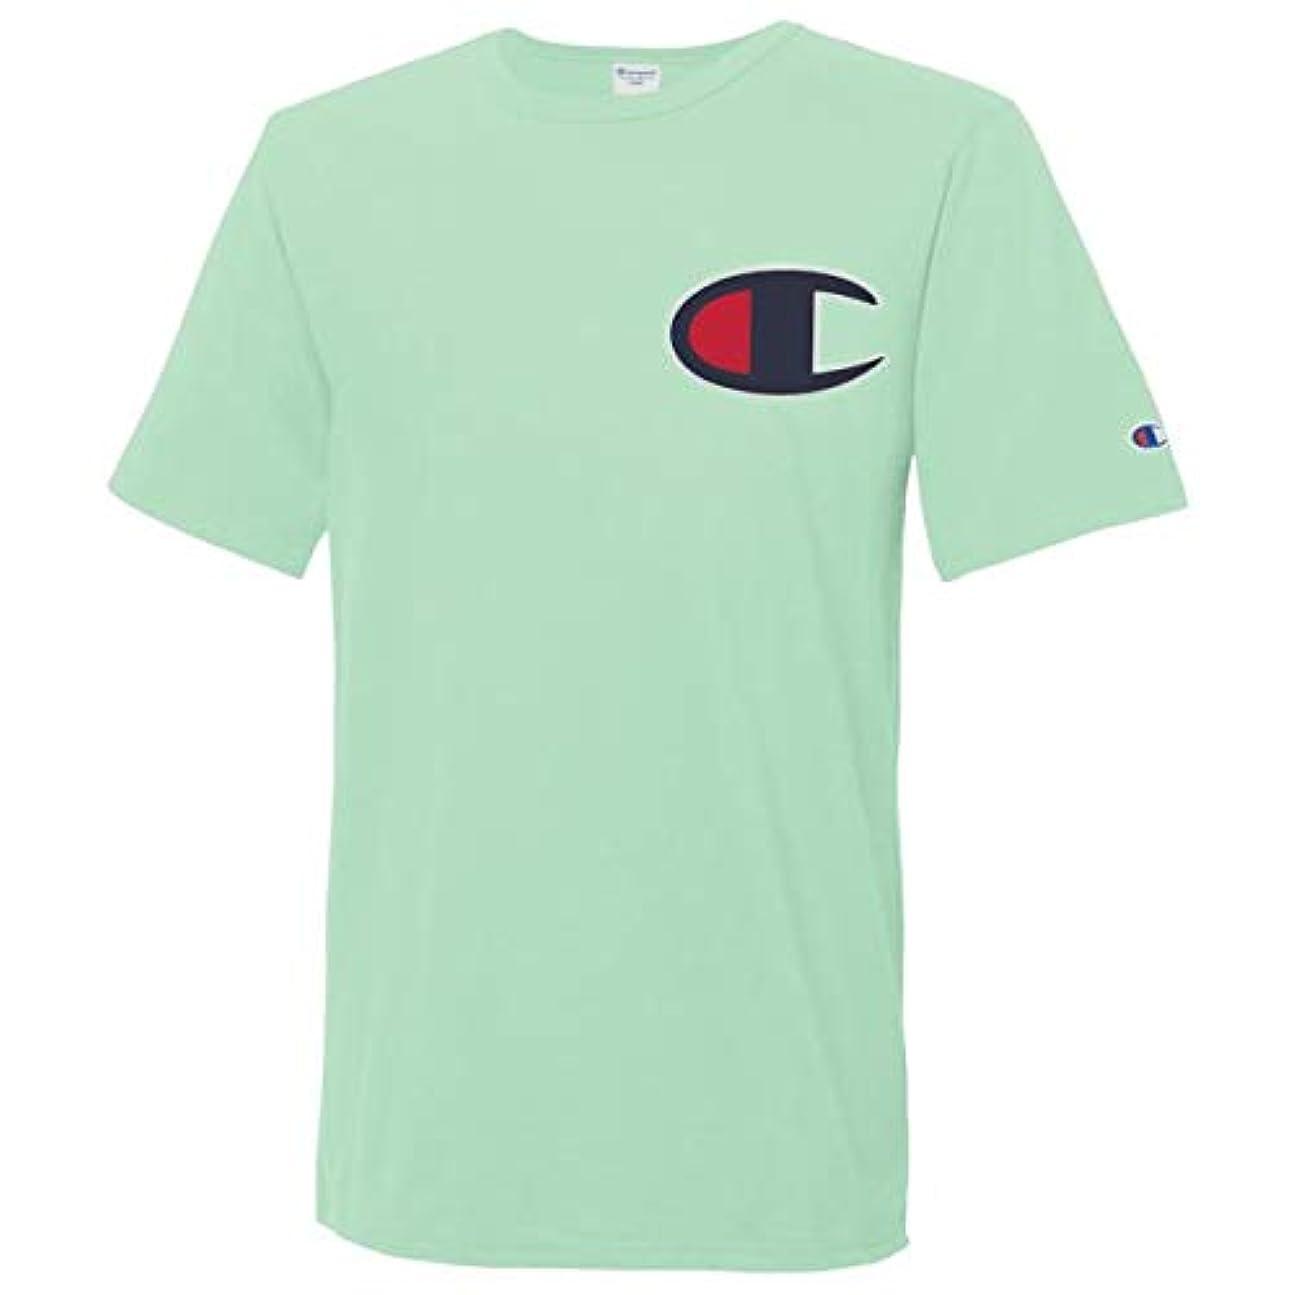 悪名高い作る見つけた(チャンピオン)Champion Big C T-Shirt メンズ Tシャツ [並行輸入品]